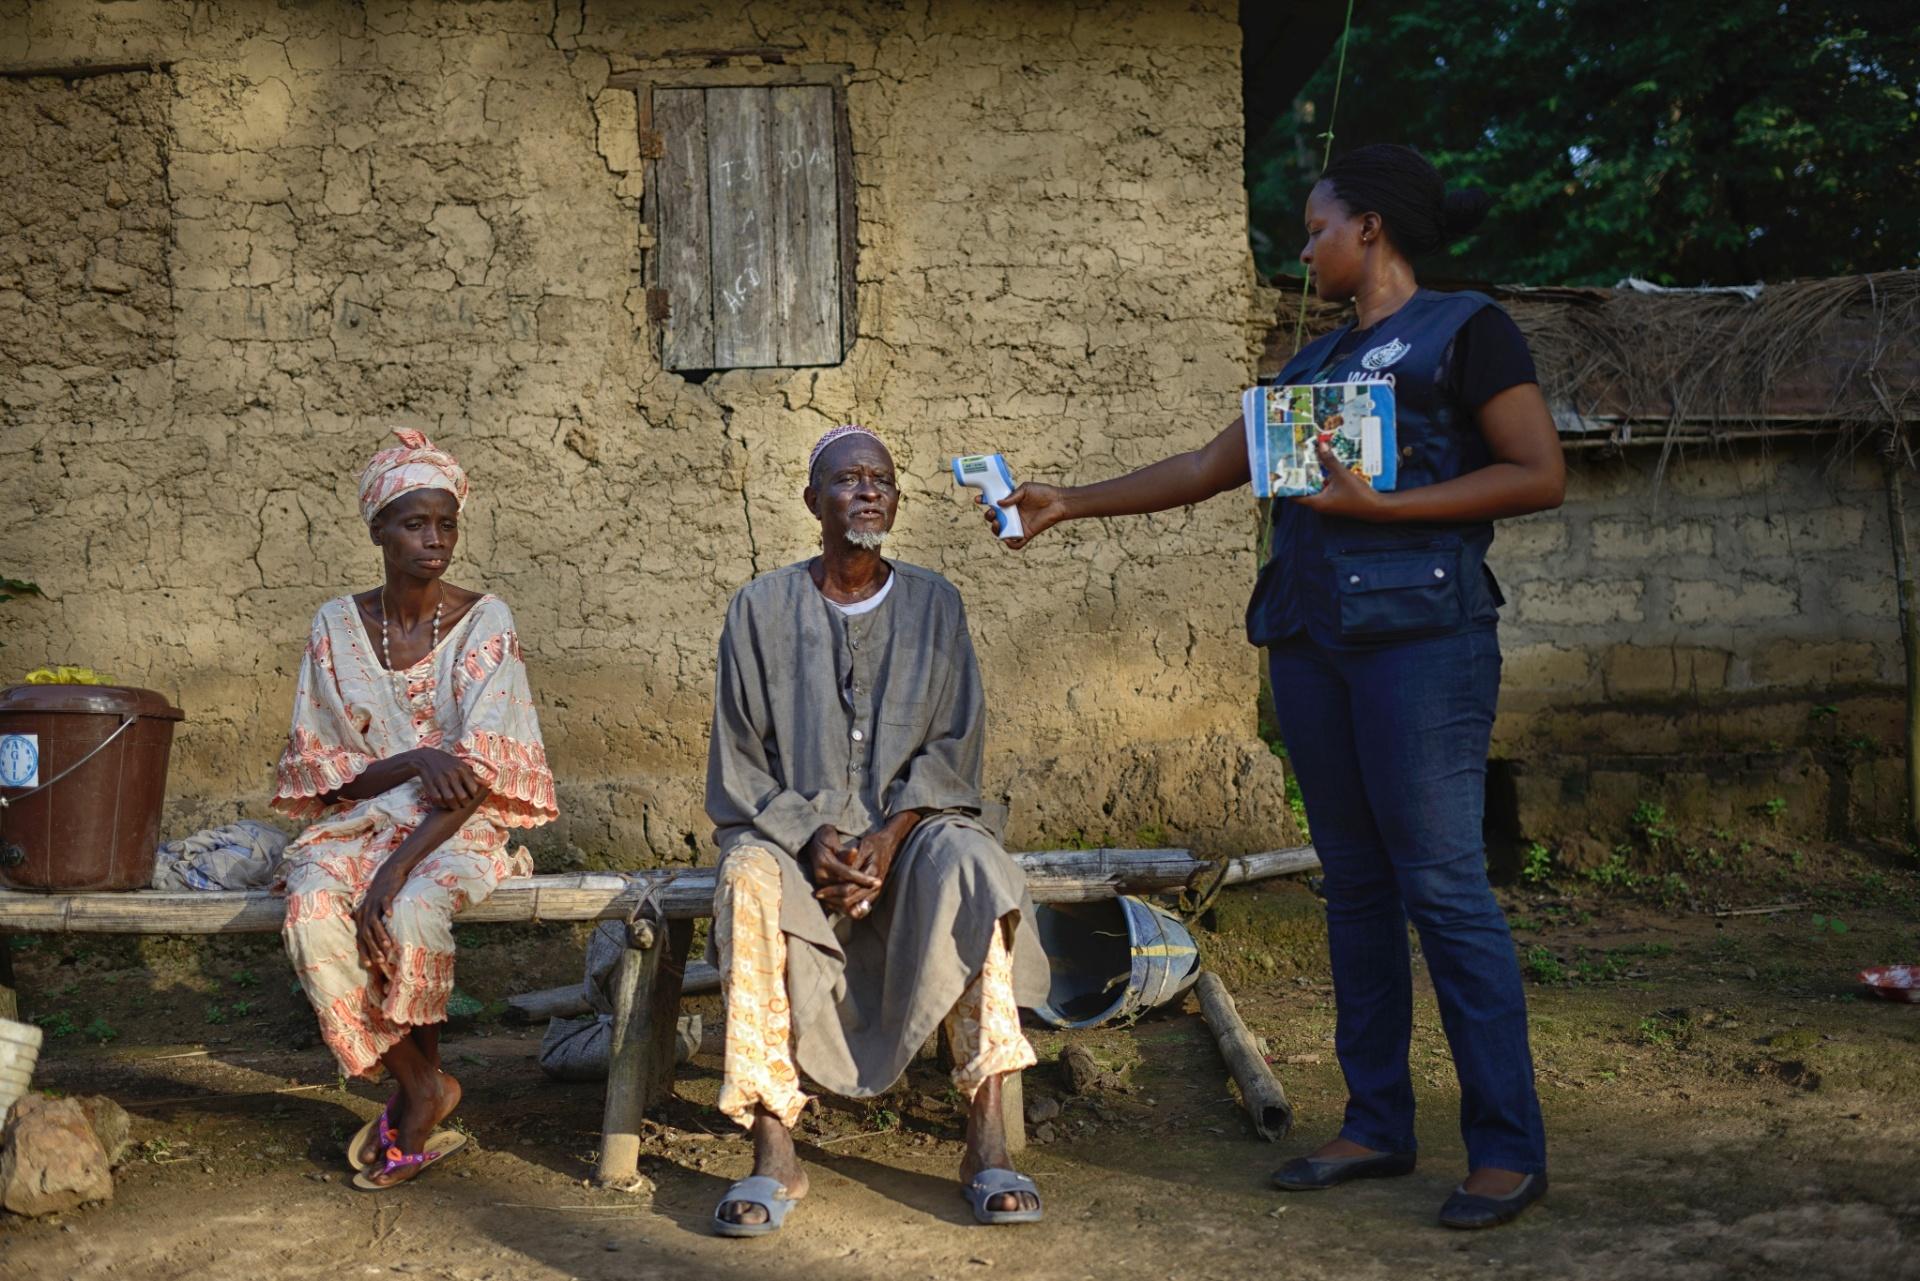 3.nov.2015 - Trabalhadora da Organização Mundial de Saúde mede a temperatura de um homem em Tana, no Guiné, único país do mundo onde o ebola ainda não está extinto